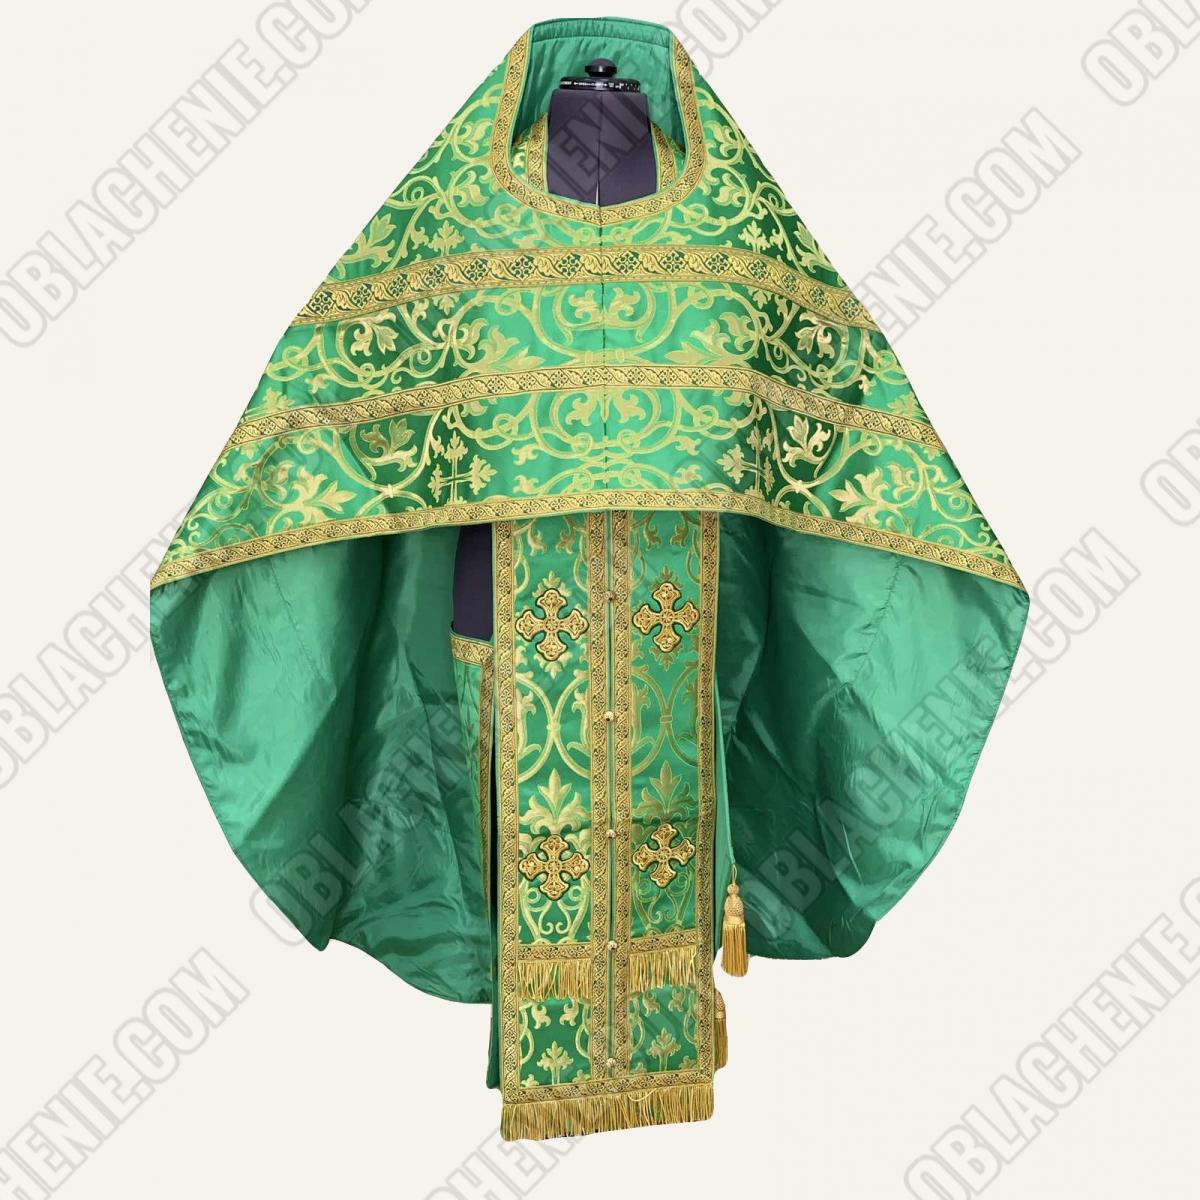 PRIEST'S VESTMENTS 11580